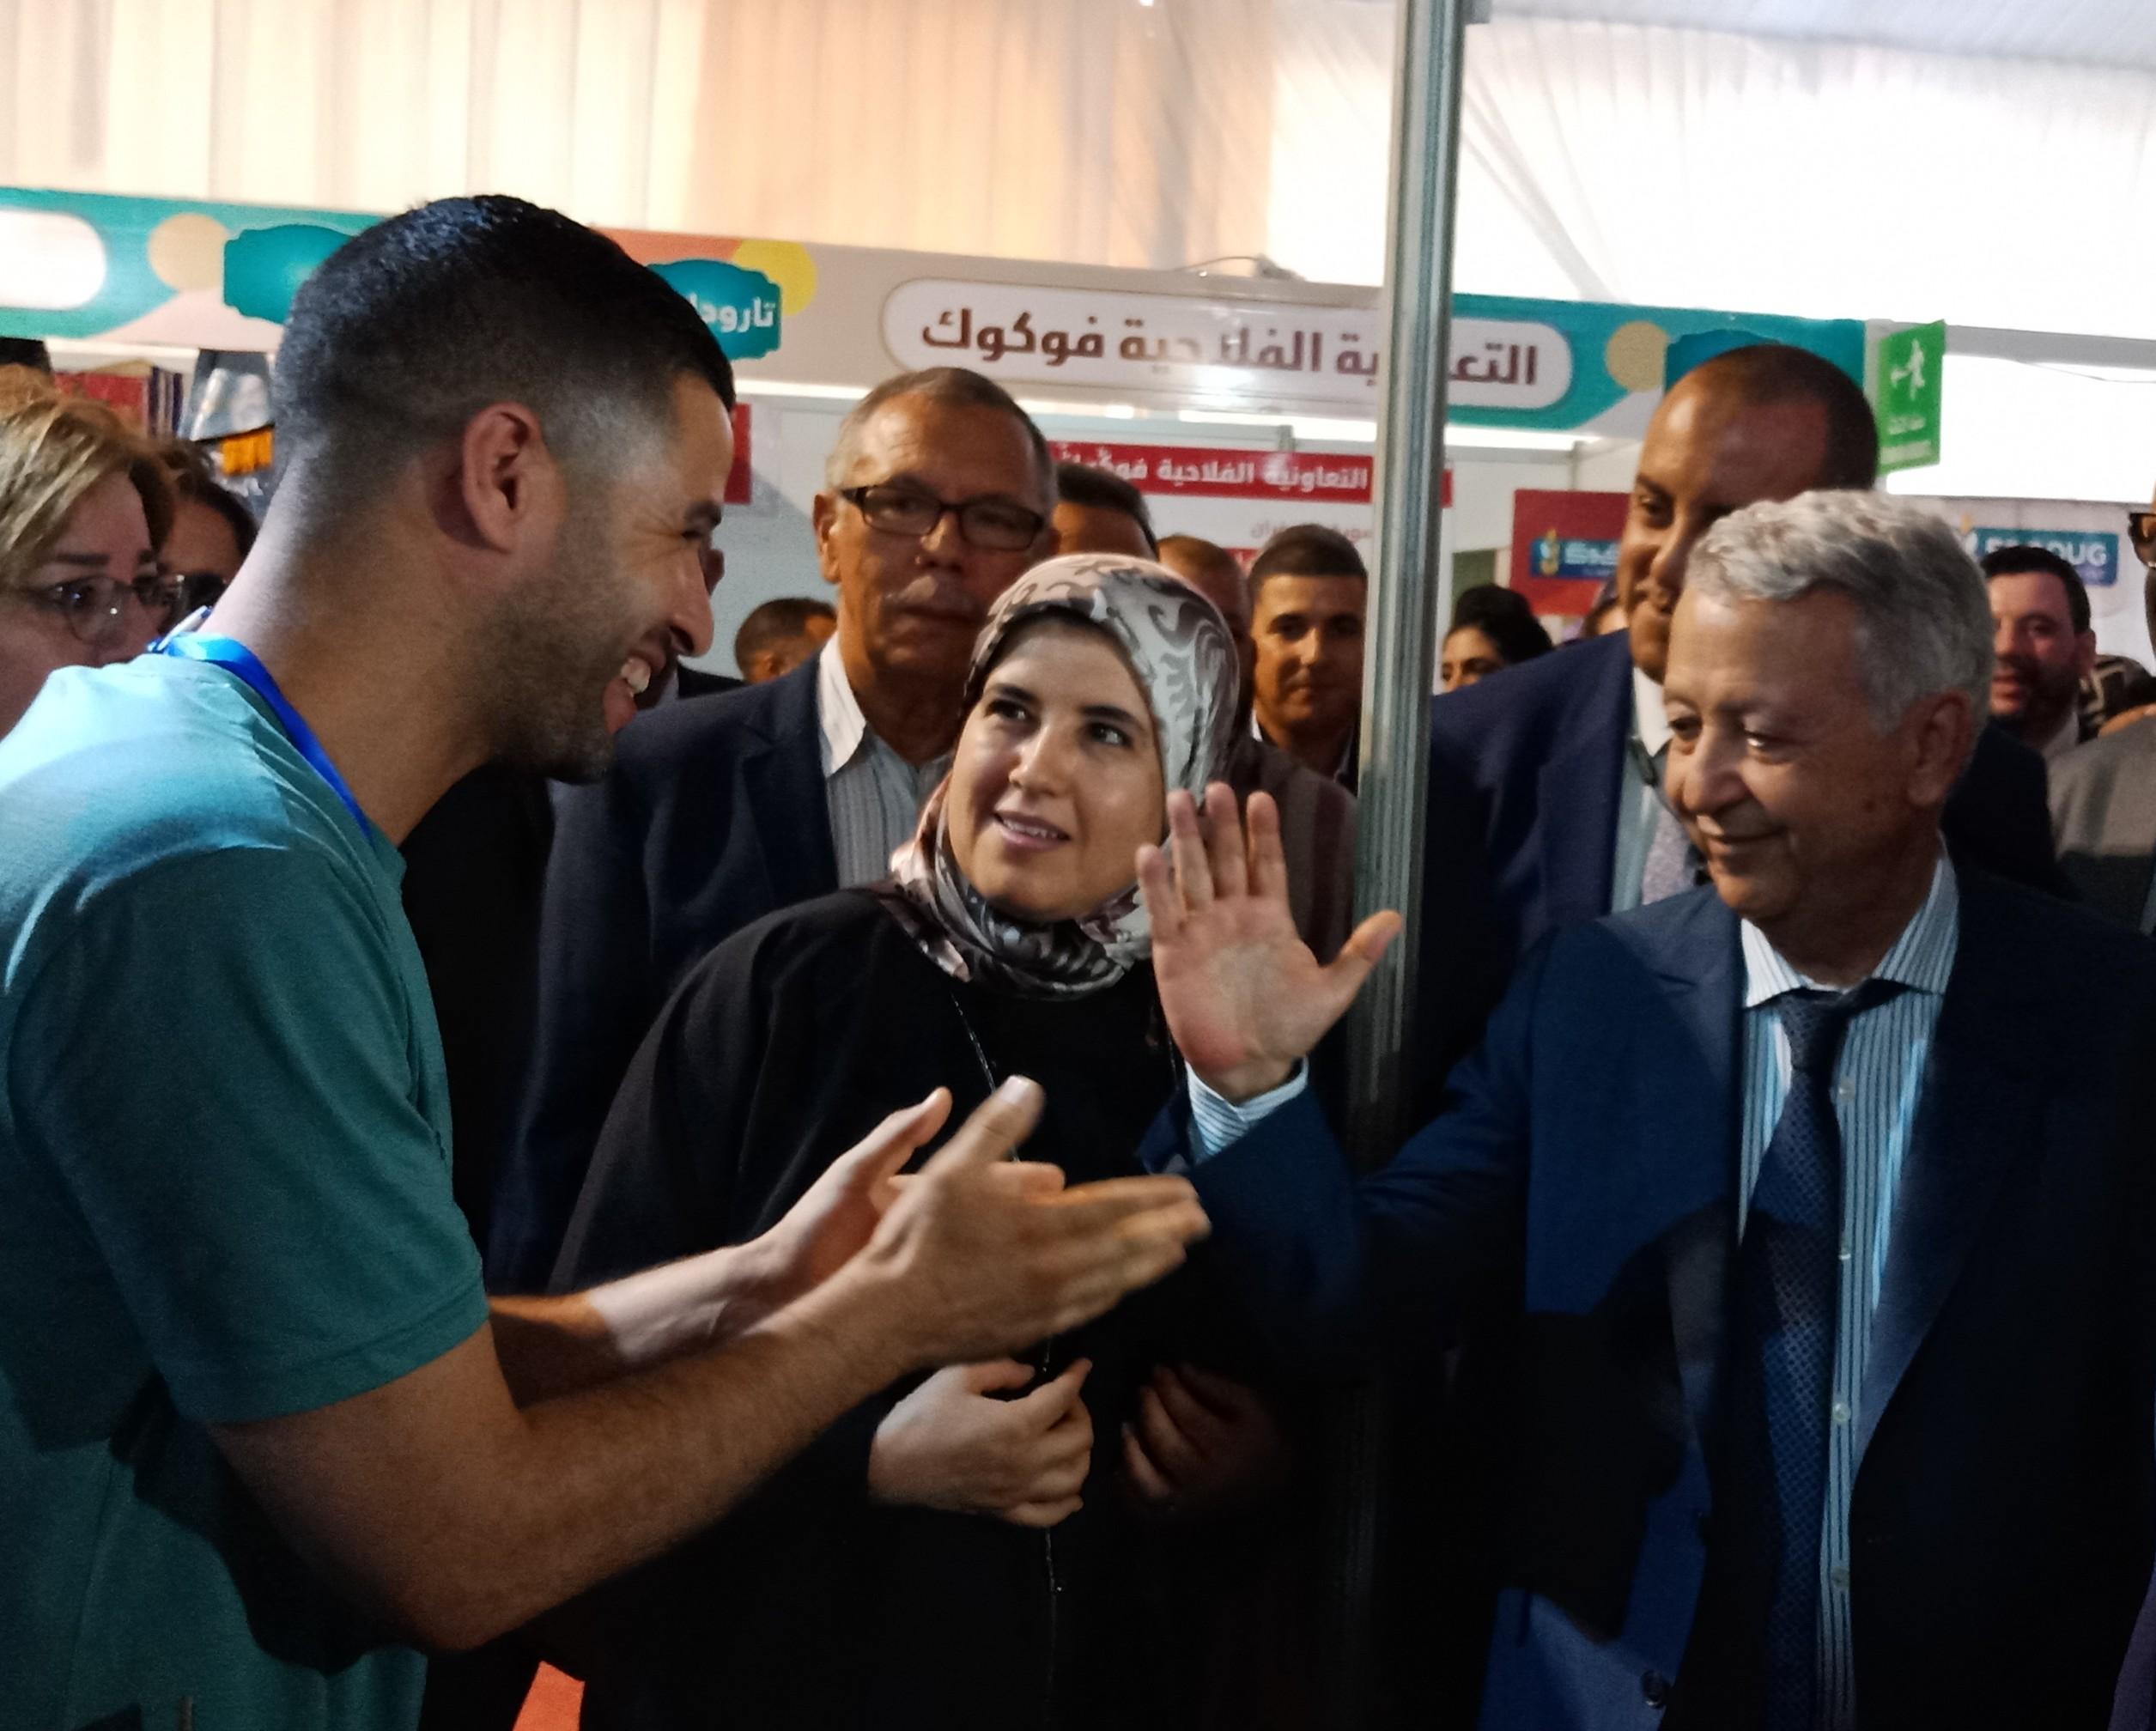 ساجد : قطاع الاقتصاد الاجتماعي والتضامني يساهم بشكل متزايد في تعزيز الدينامية التنموية الجهوية والوطنية